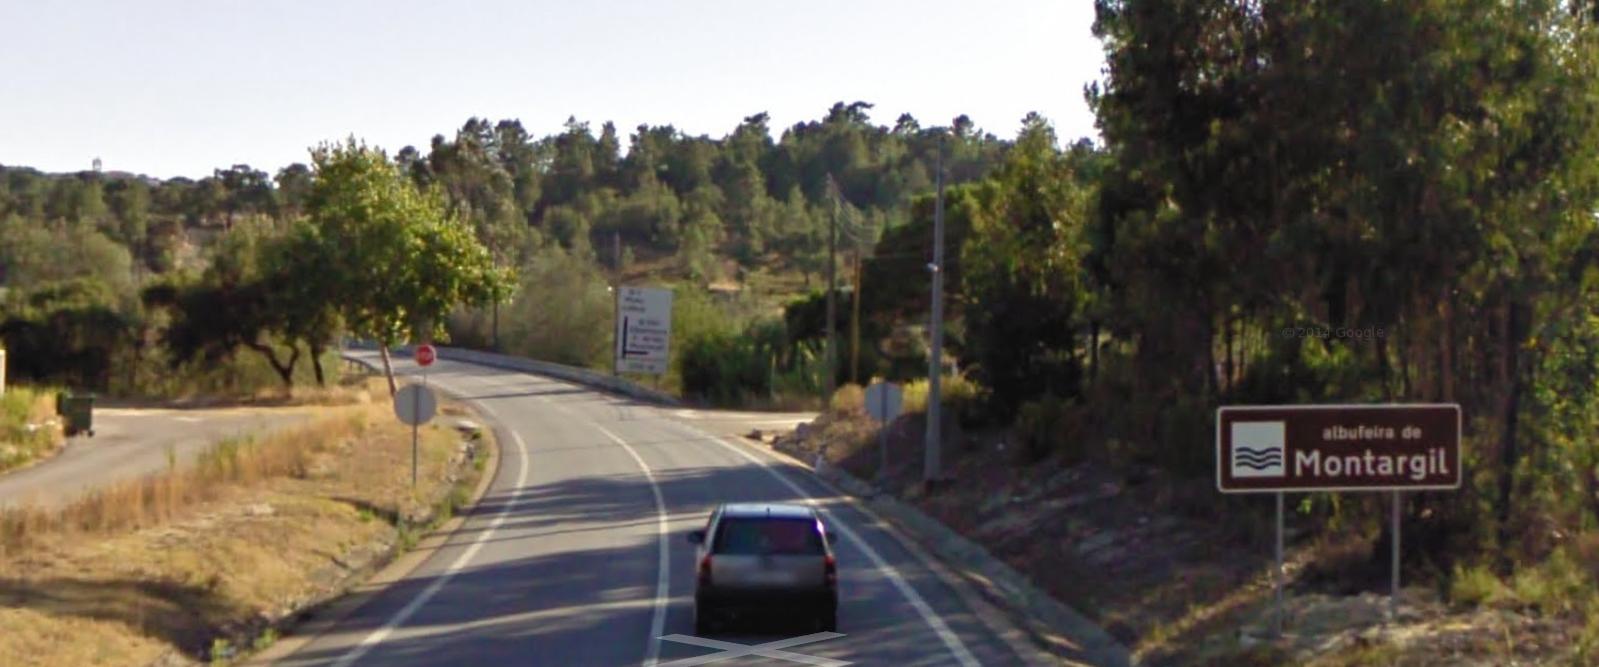 Placa indicatória Barragem Montargil